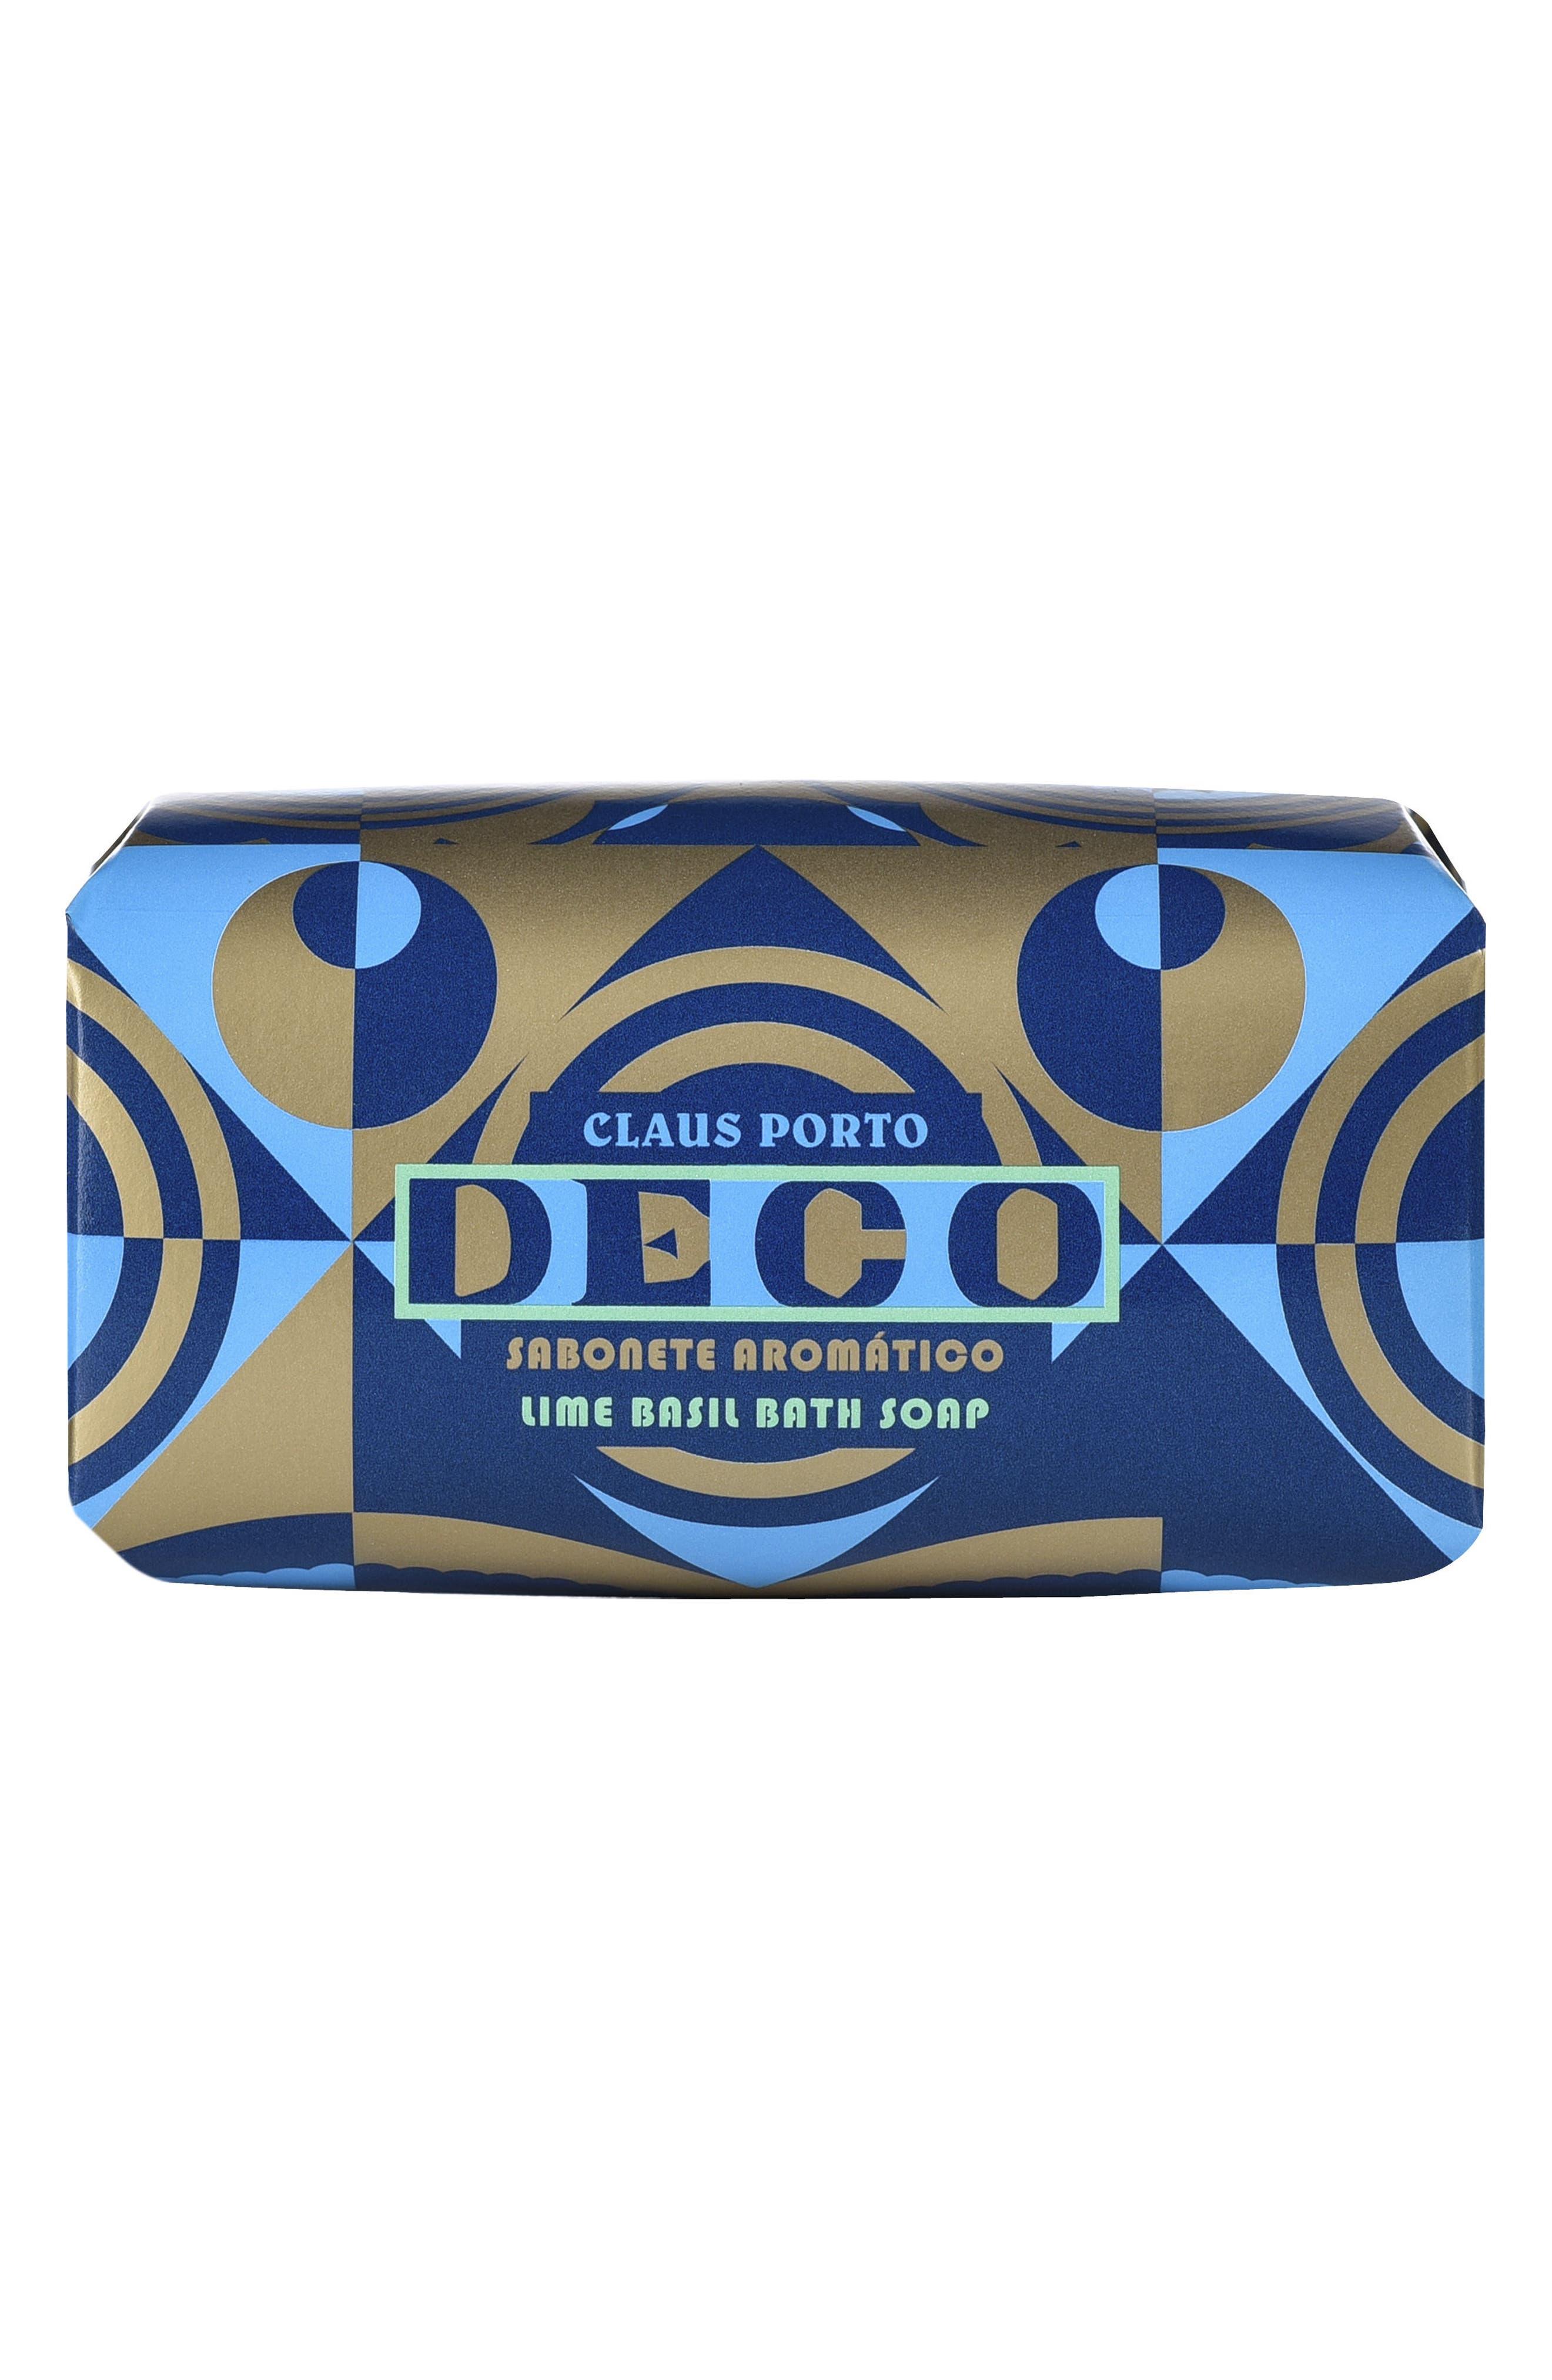 Deco Lime Basil Soap,                             Alternate thumbnail 2, color,                             No Color